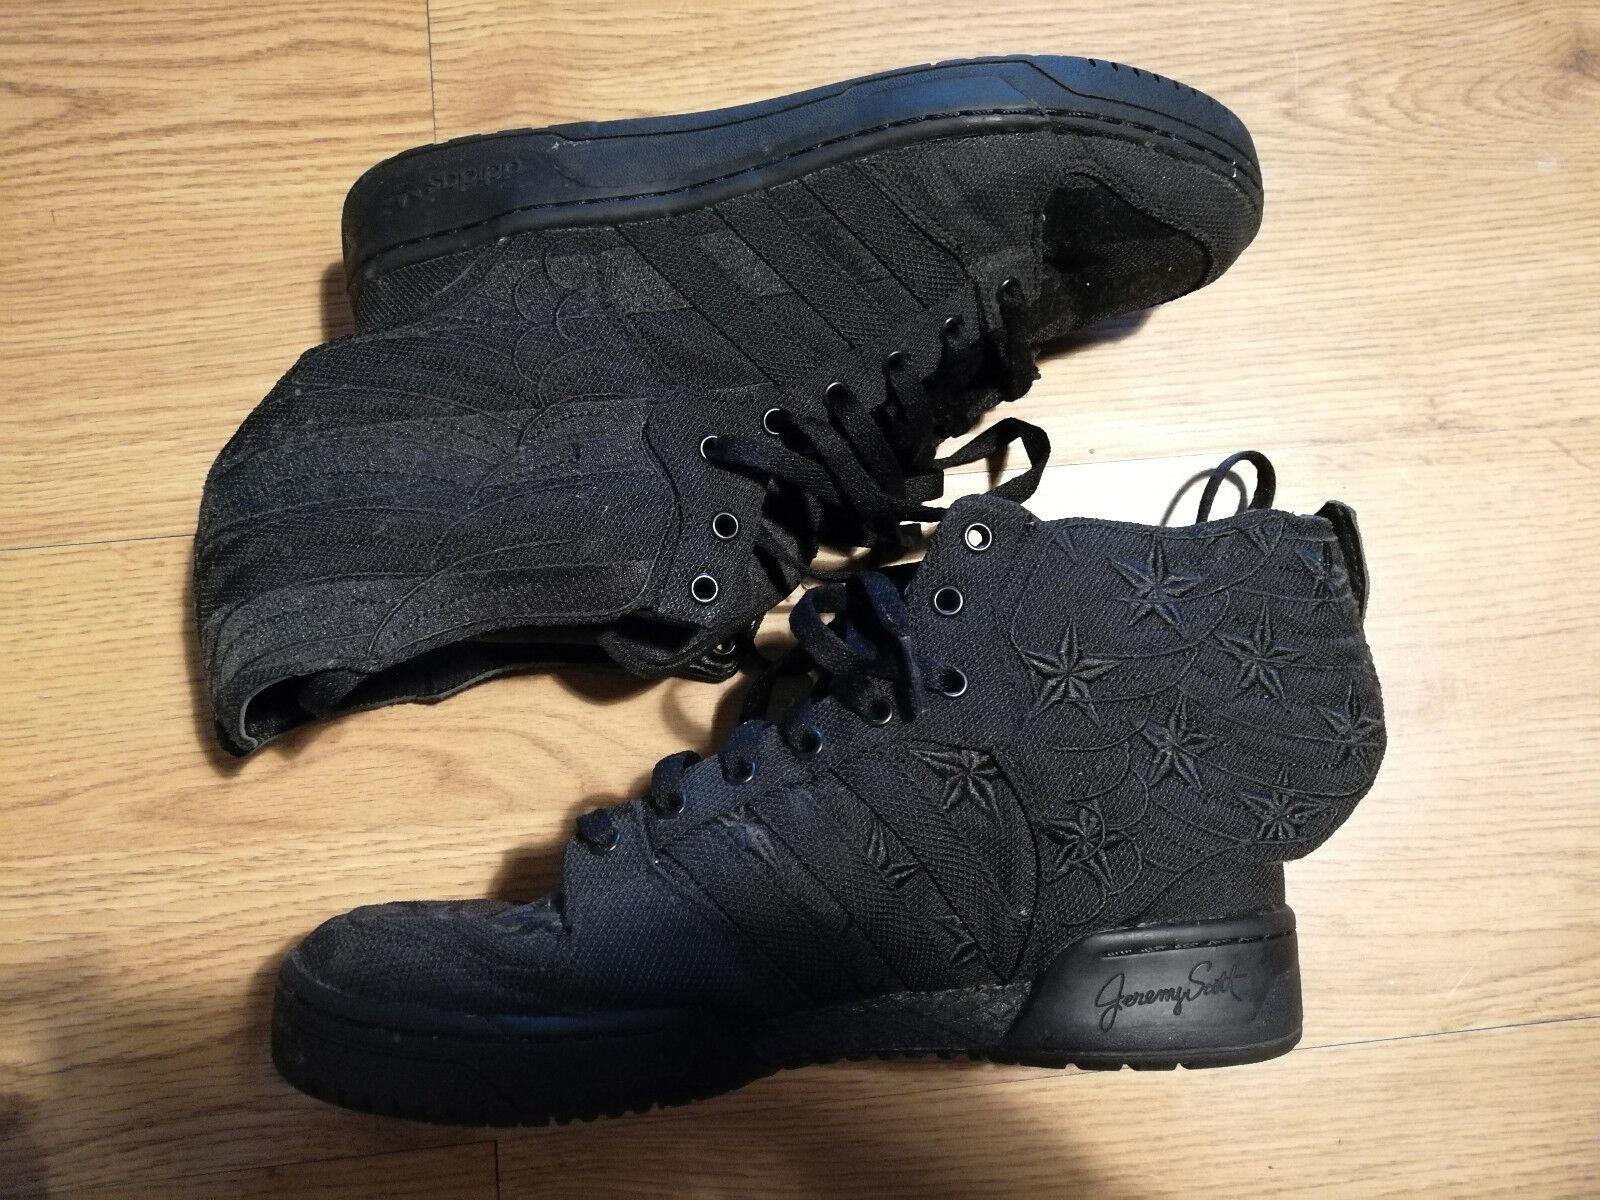 Jeremy Scott Adidas Originals X A Negra AP X Rocky Bandera Negra A | Reino Unido 7 | ofrece Bienvenido b383bd